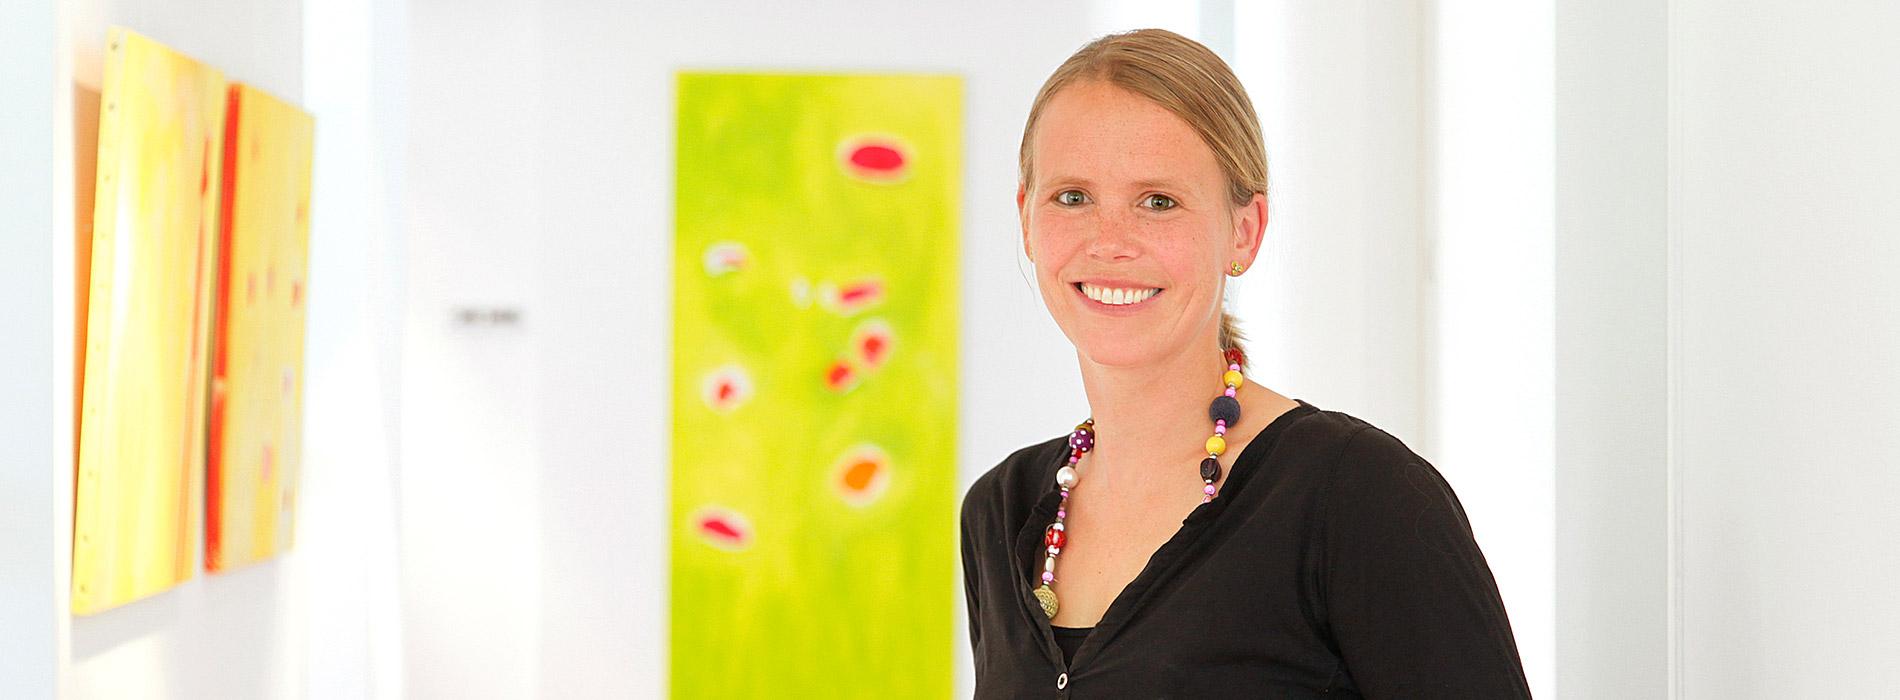 Kieferorthopädie Dr. Elke König